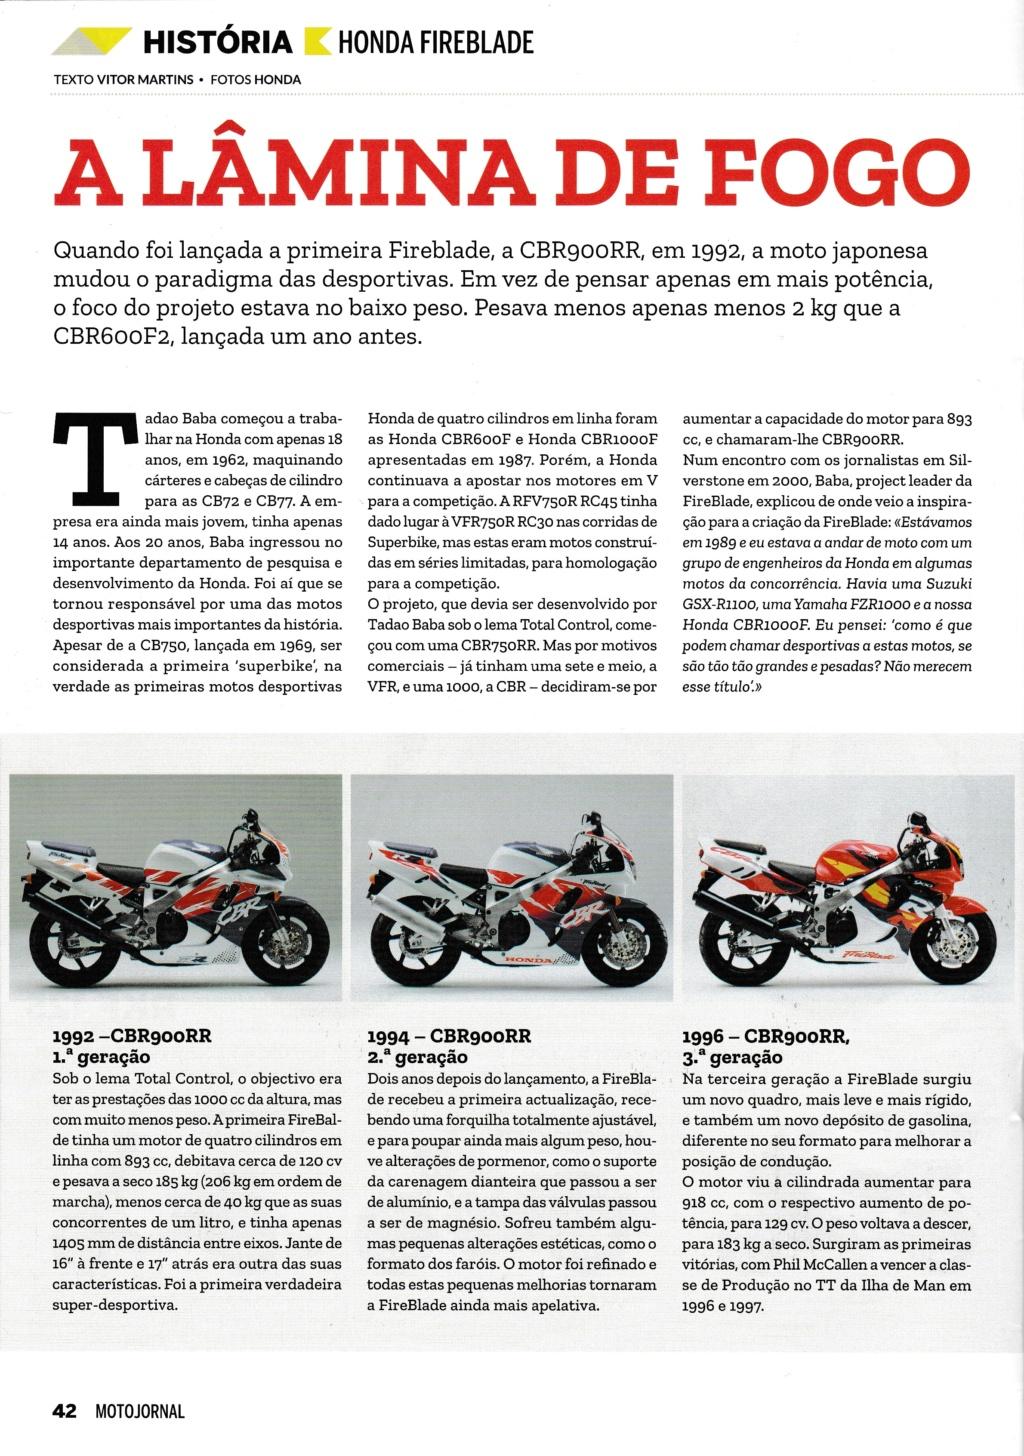 História da Honda Fireblade até à data Mj_fir10